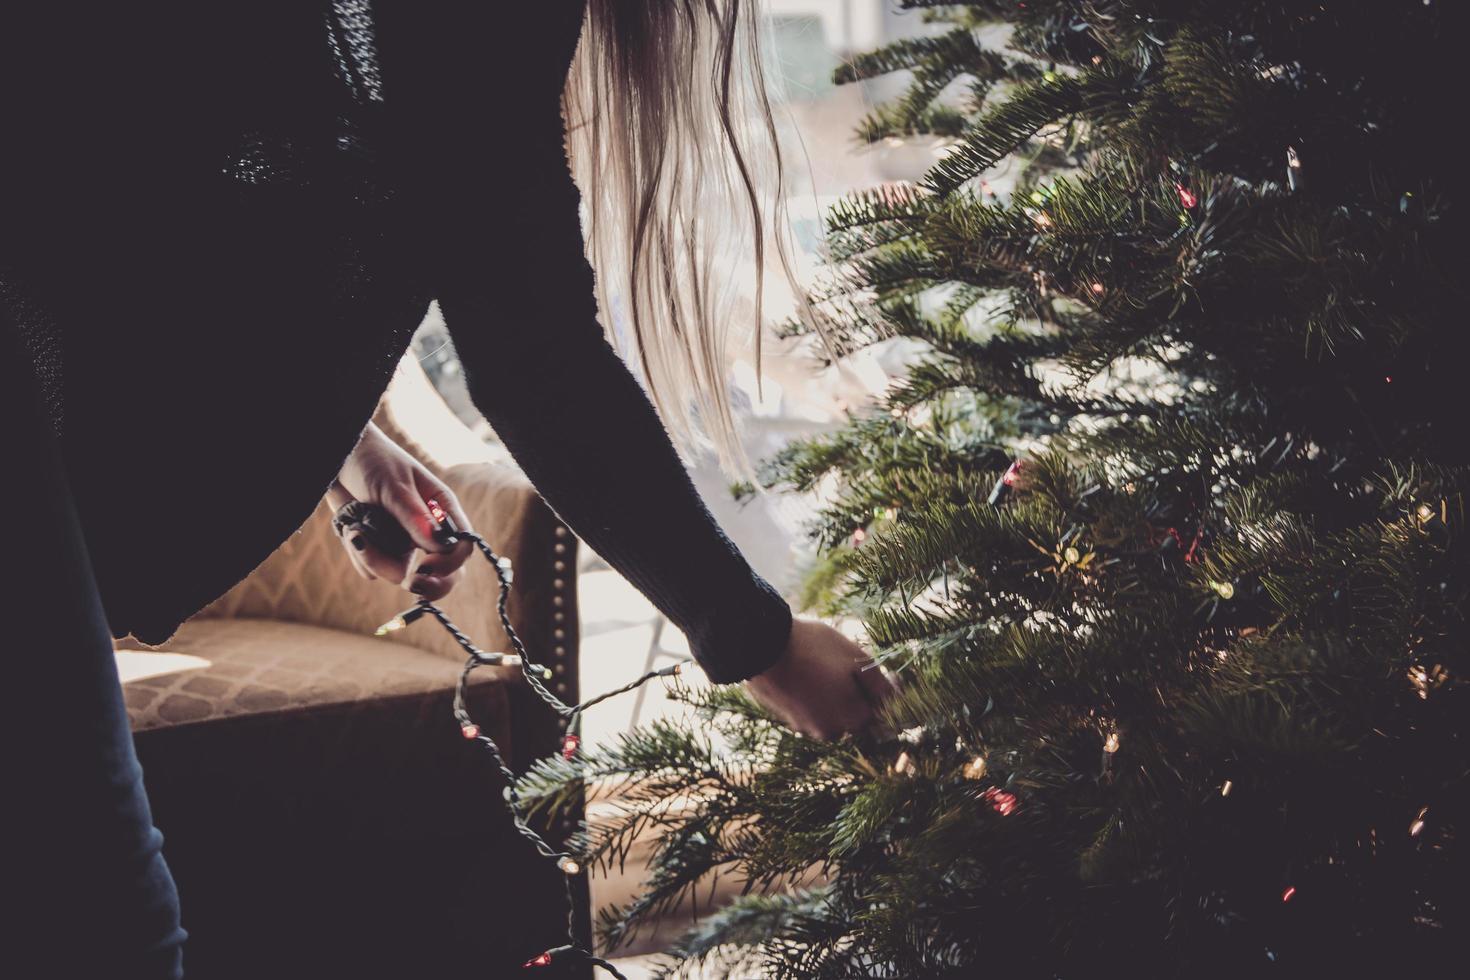 donna che decora l'albero di Natale foto